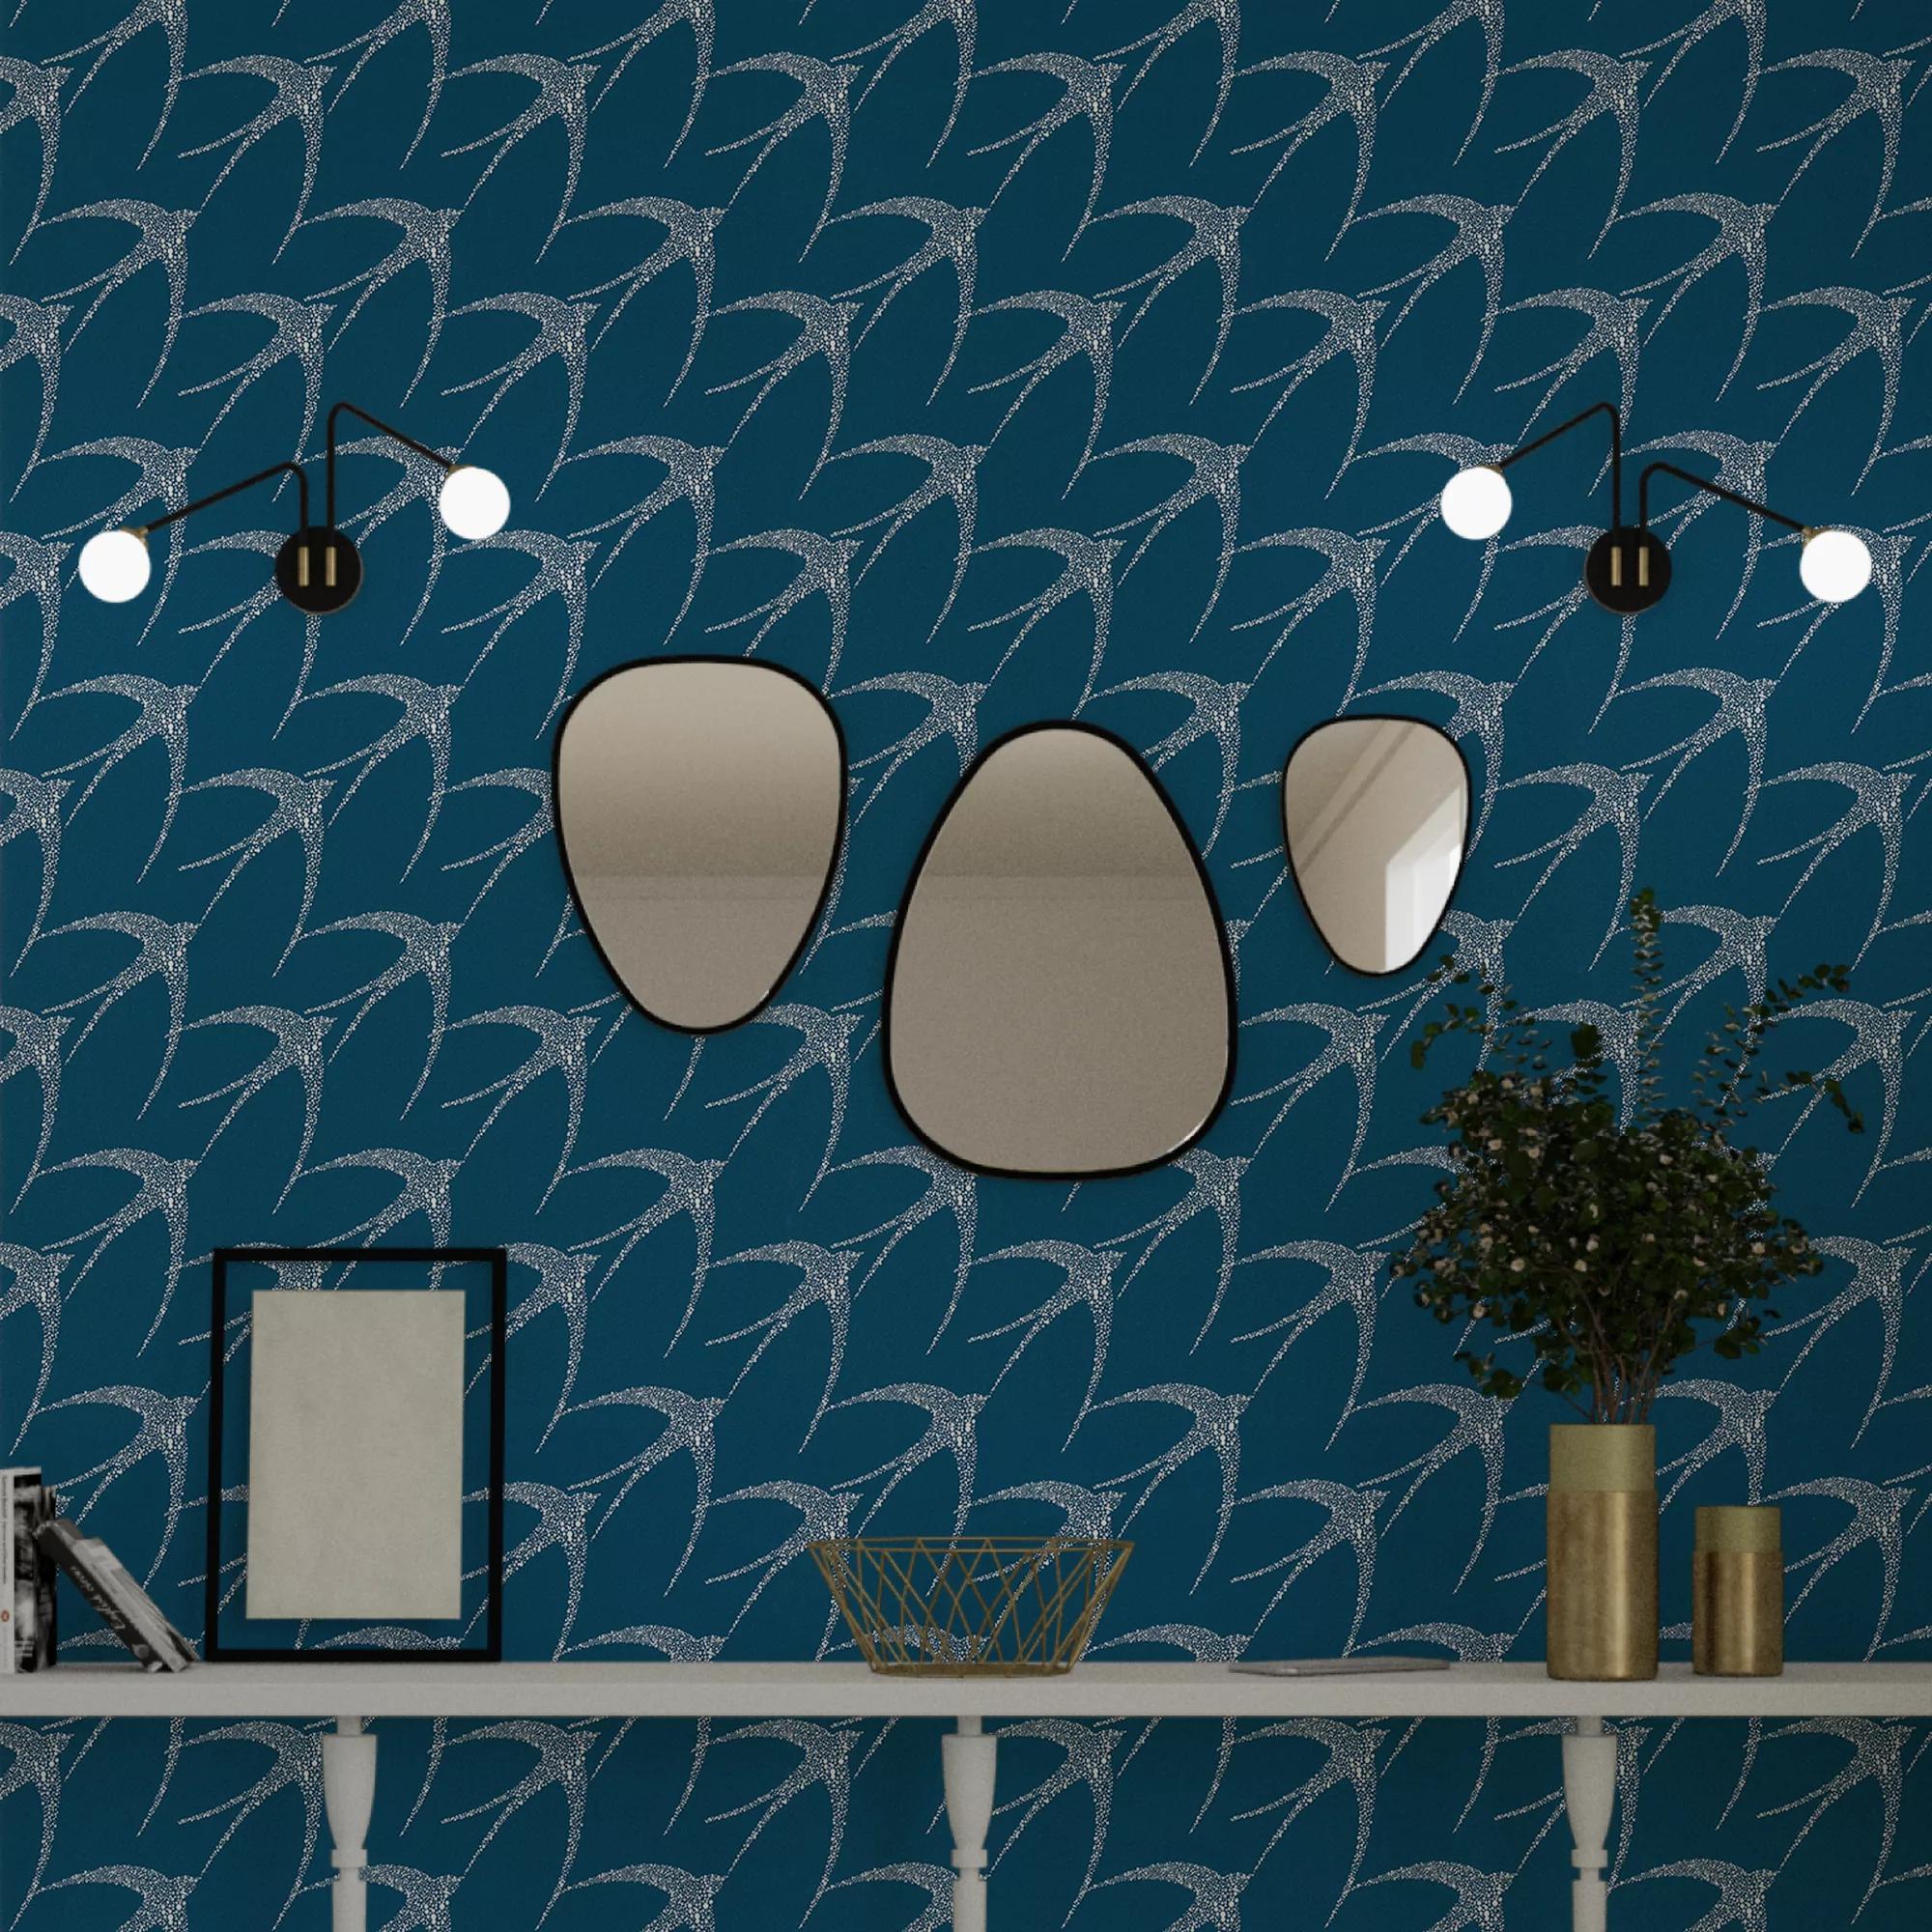 Papier peint intissé PRIMAVERA coloris bleu baltique  Papier